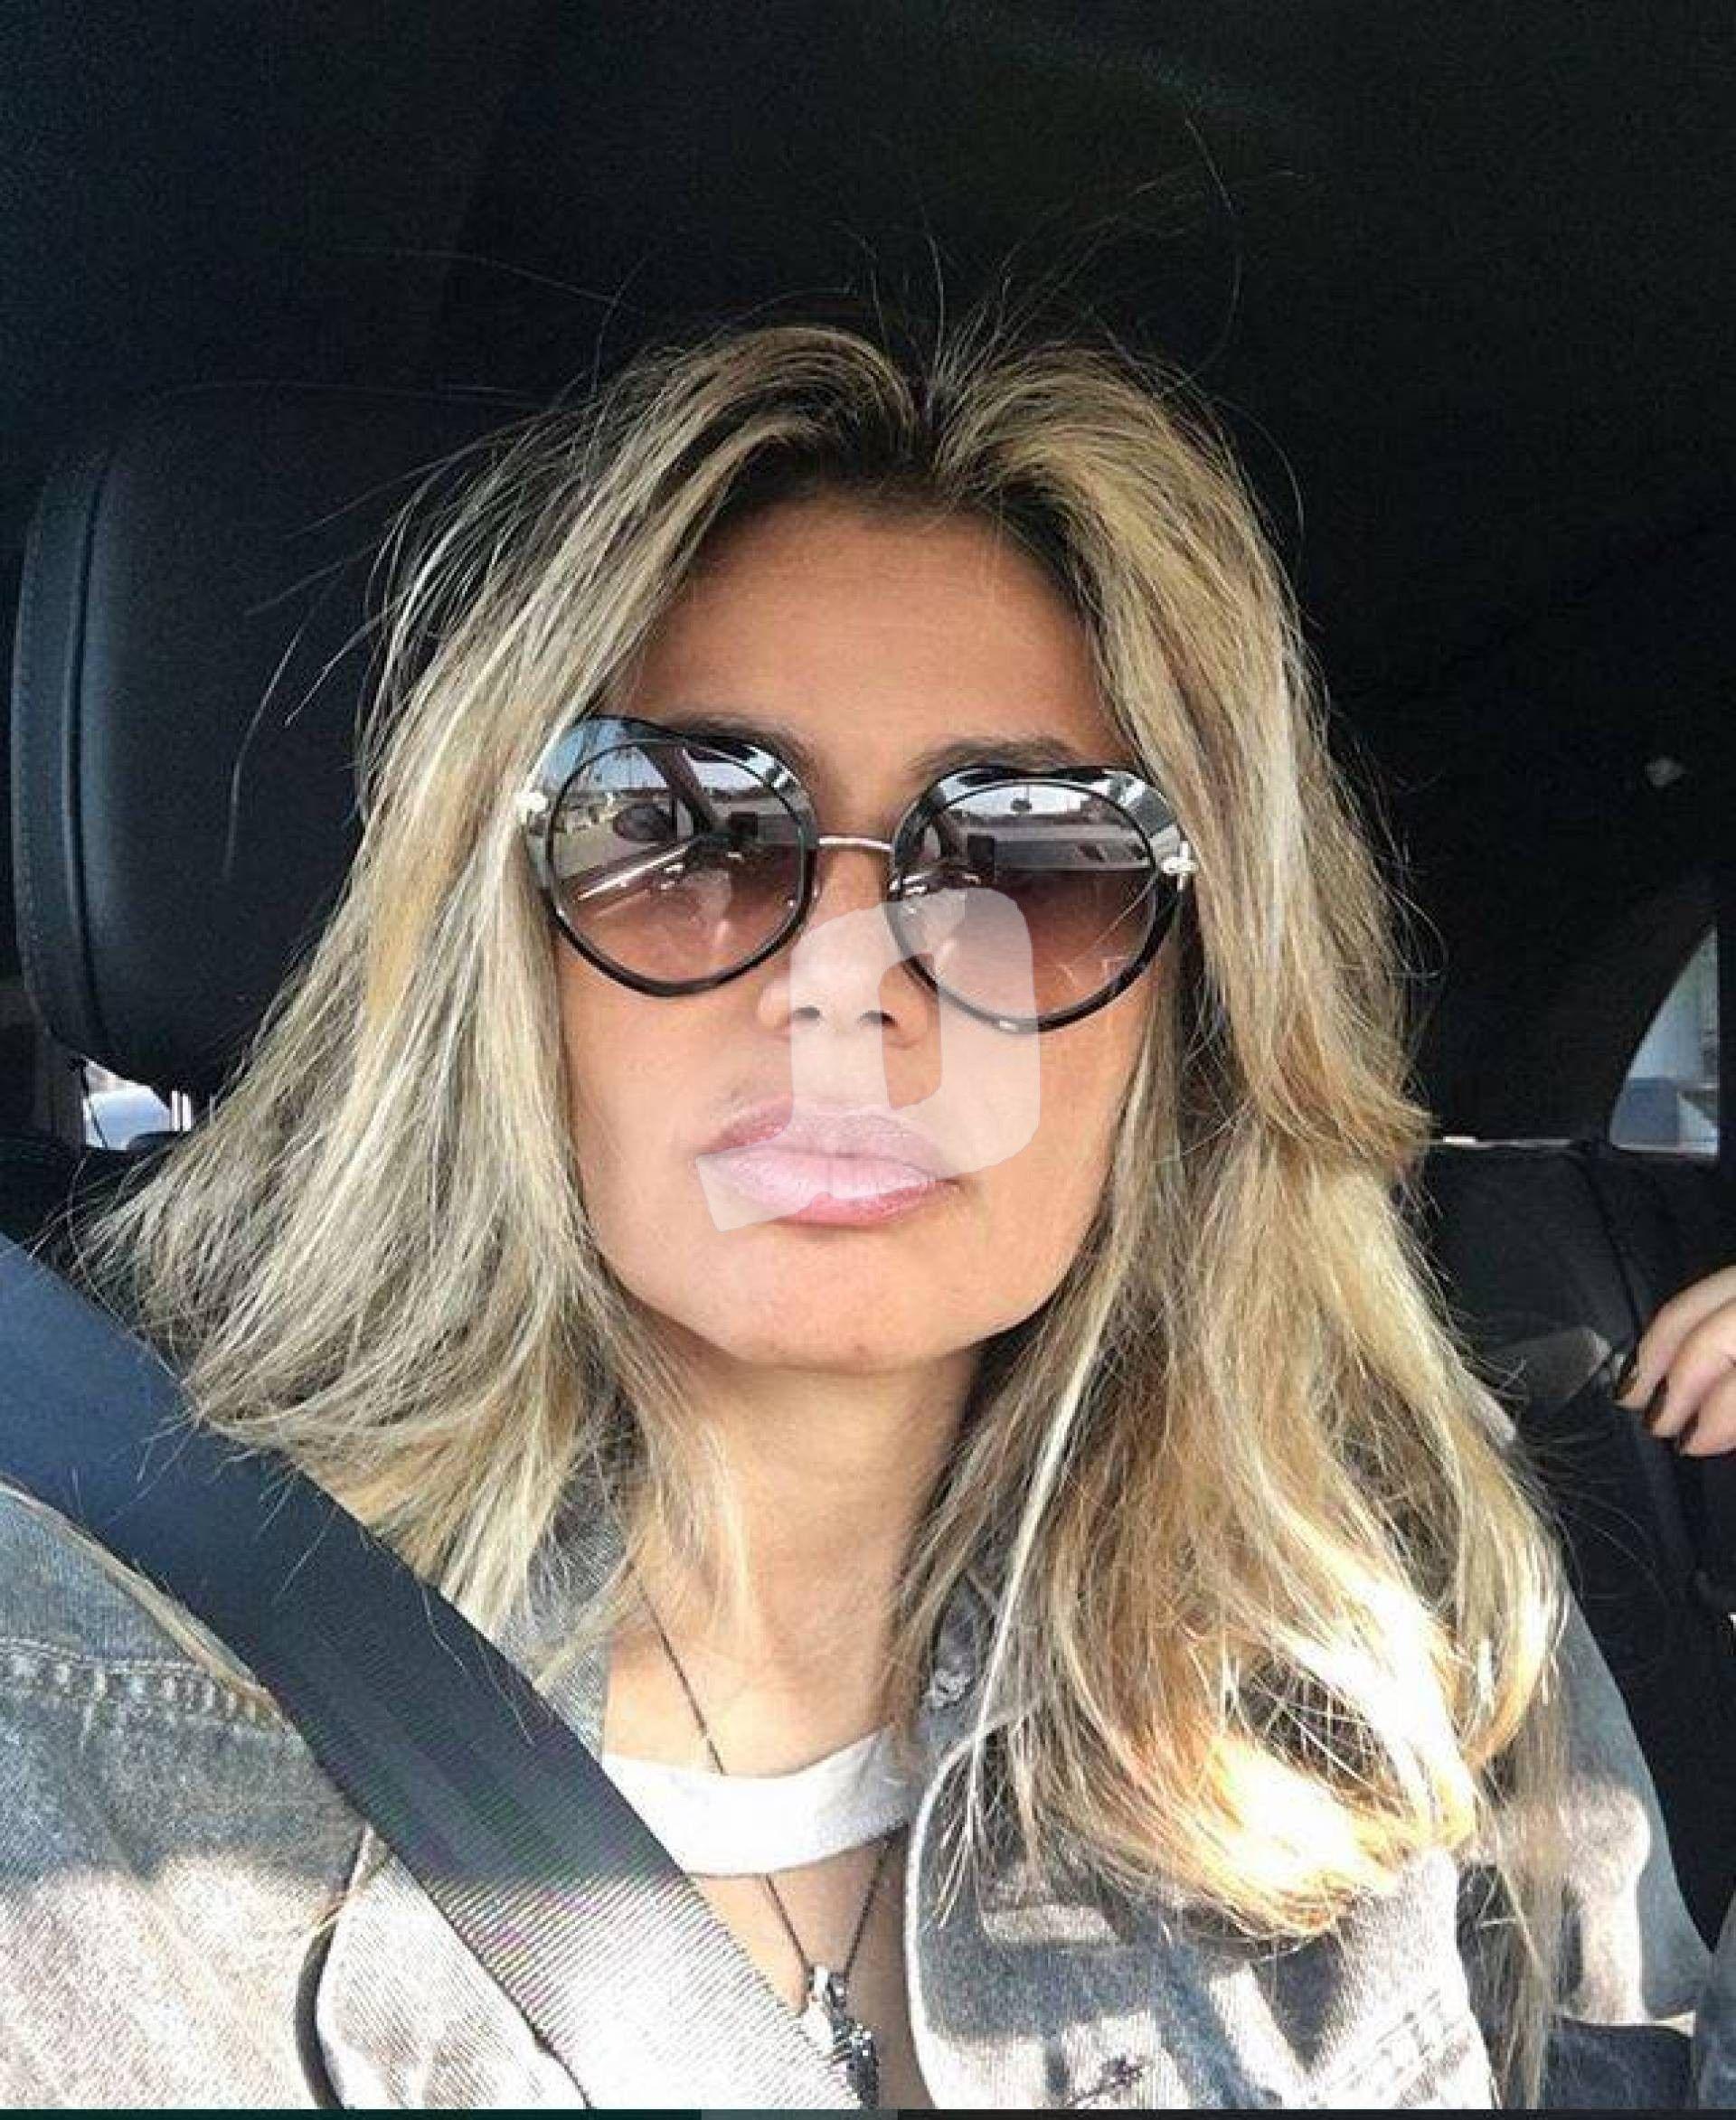 طليقة عمرو دياب تثير التساؤلات حول علاقة عاطفية جديدة Oval Sunglass Fashion Sunglasses